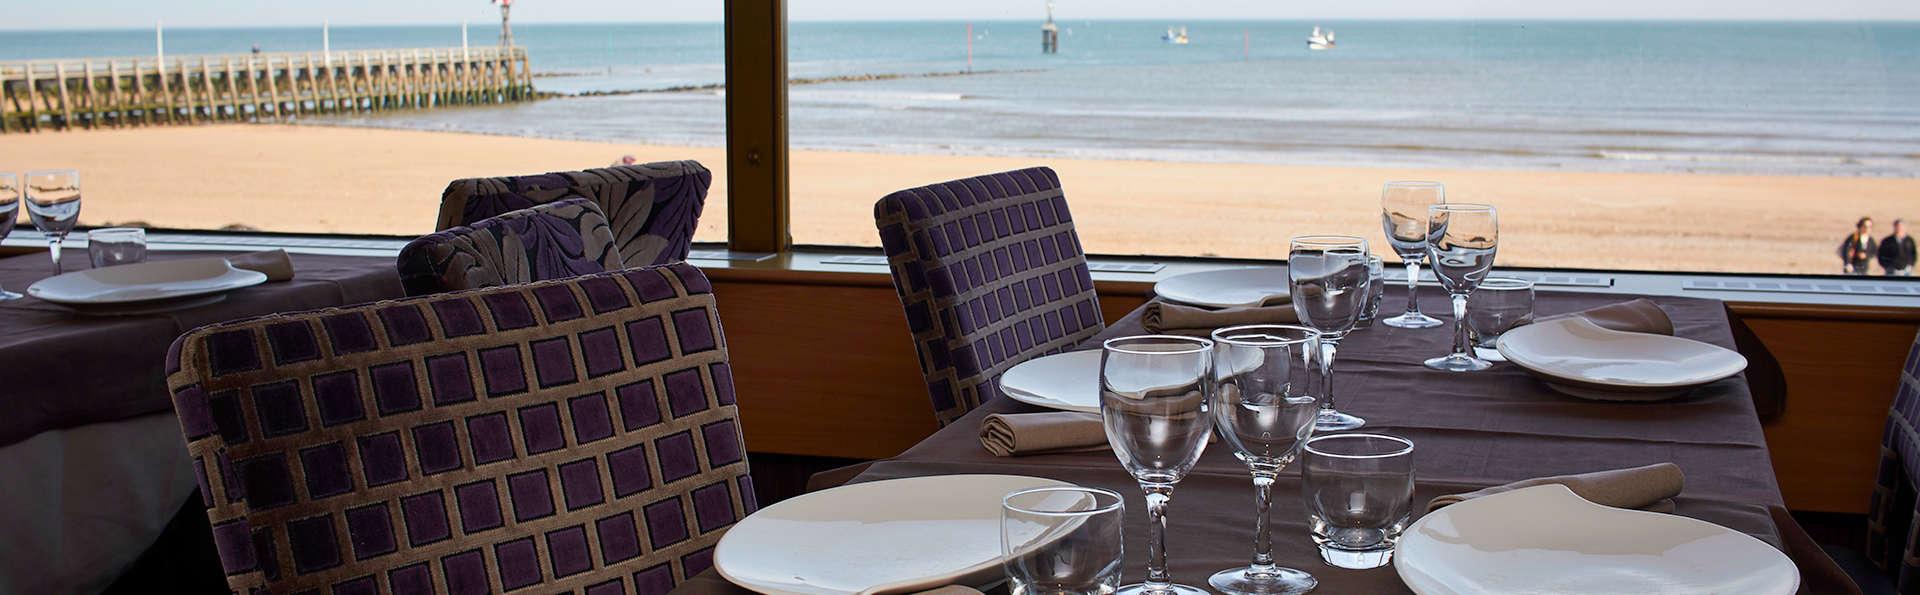 Ontspanning en gastronomie met het gezin of onder vrienden aan de Normandische kust